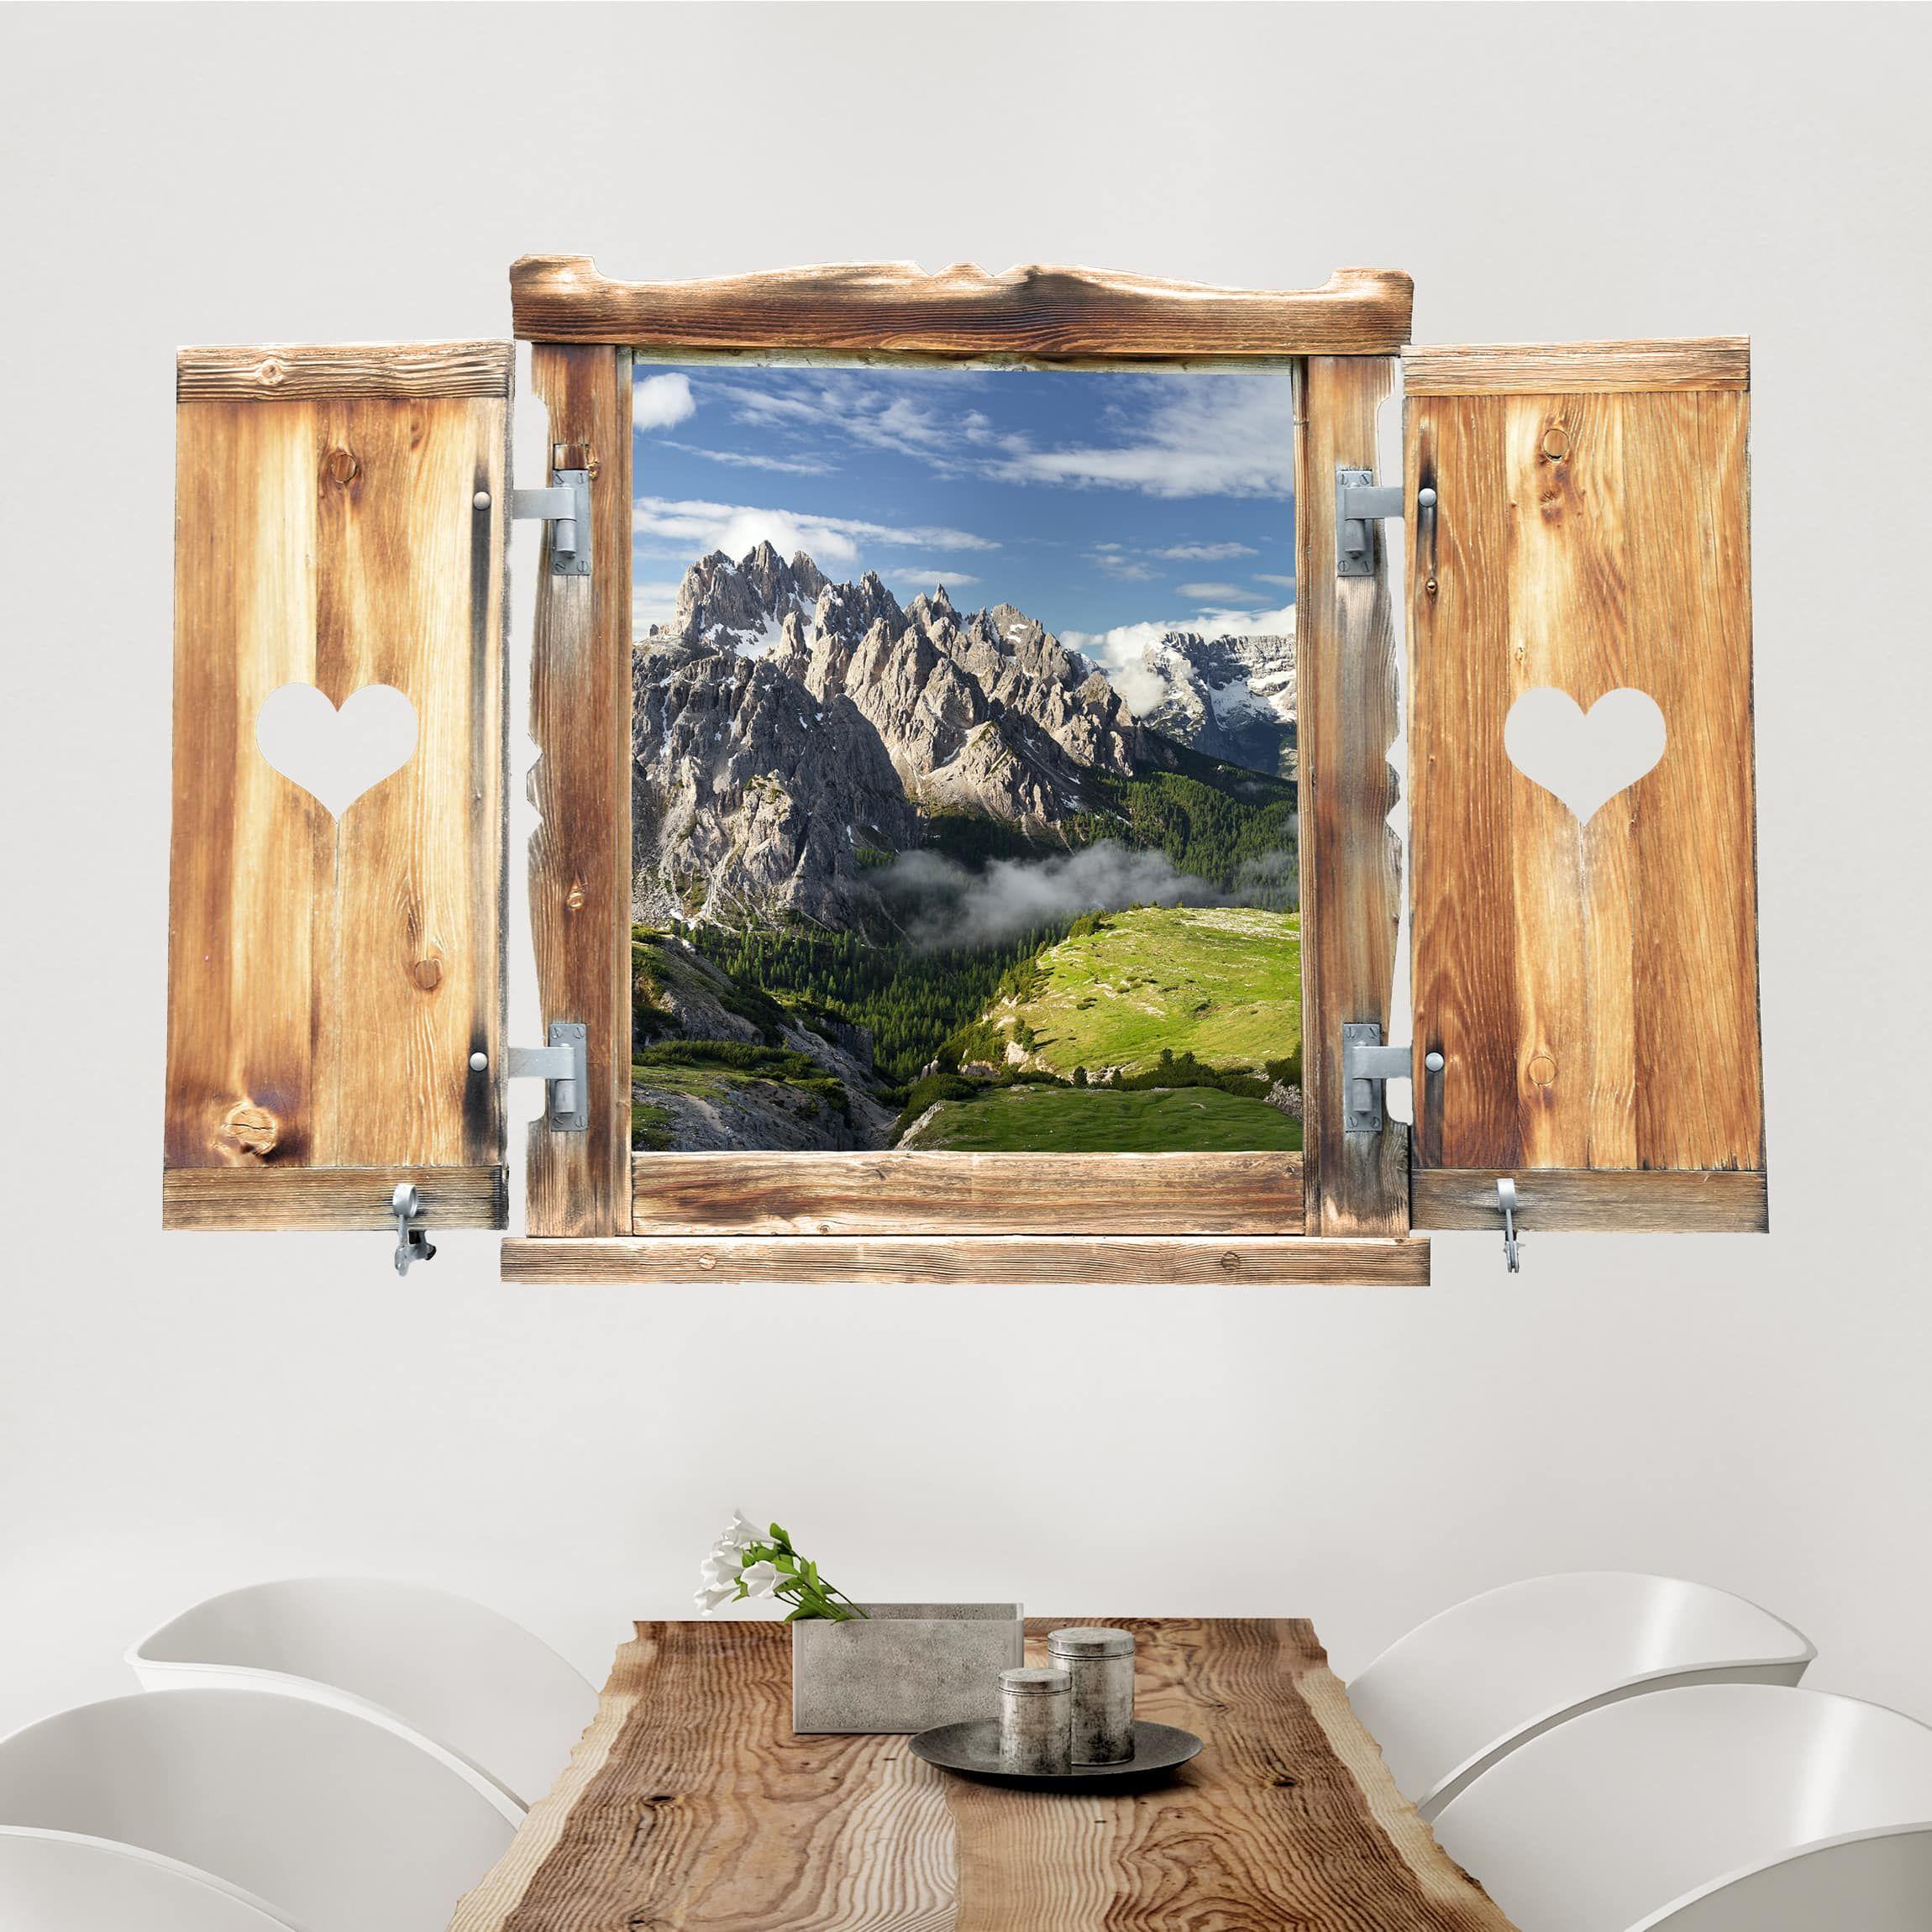 Adesivo Murale Finestra Tirolese Su Paesaggio Mozzafiato Adesivi Murali Murale Decorazioni Esterne